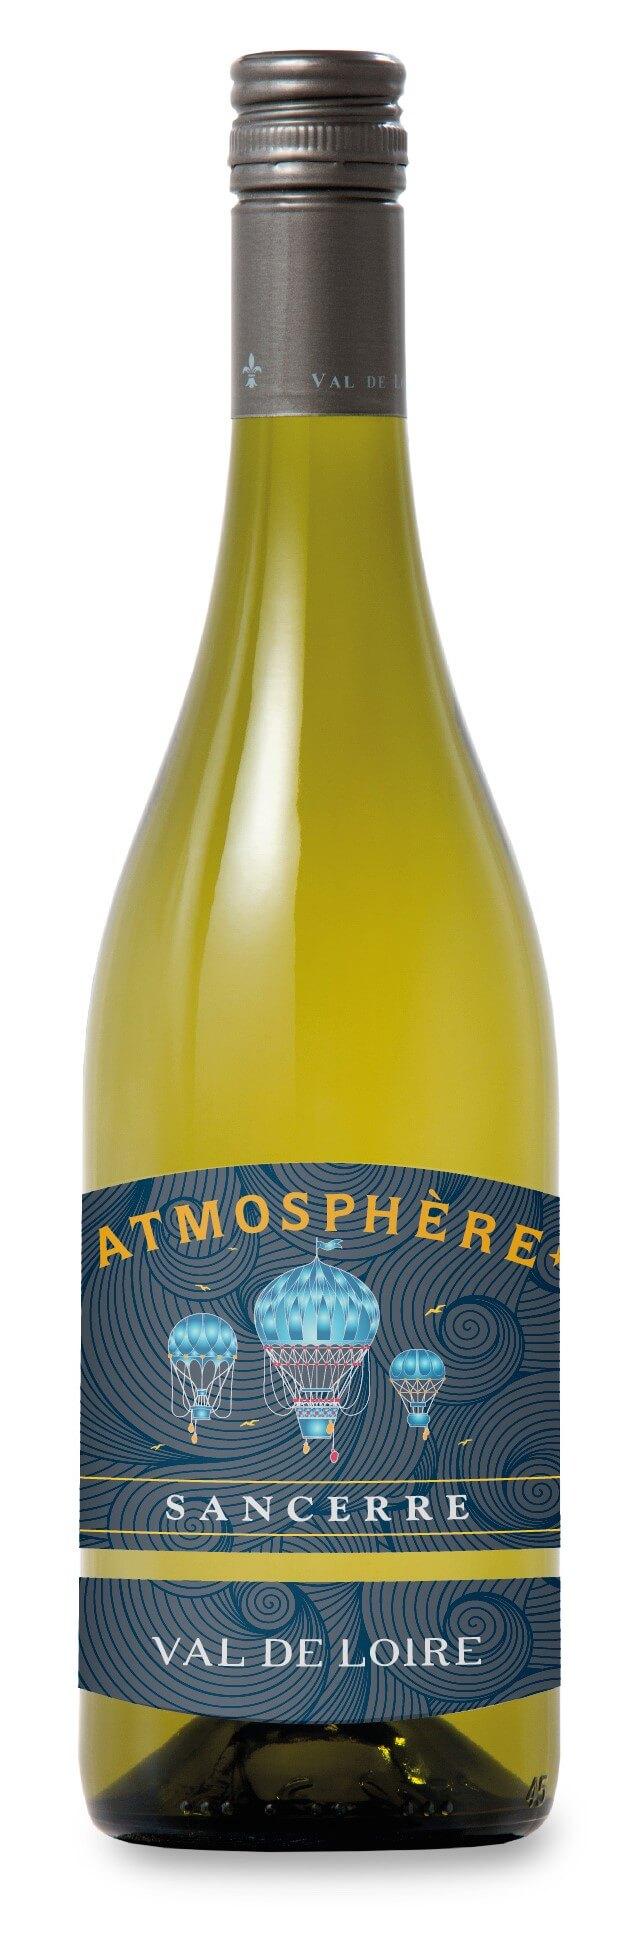 Atmosphere Sancerre BottleShot